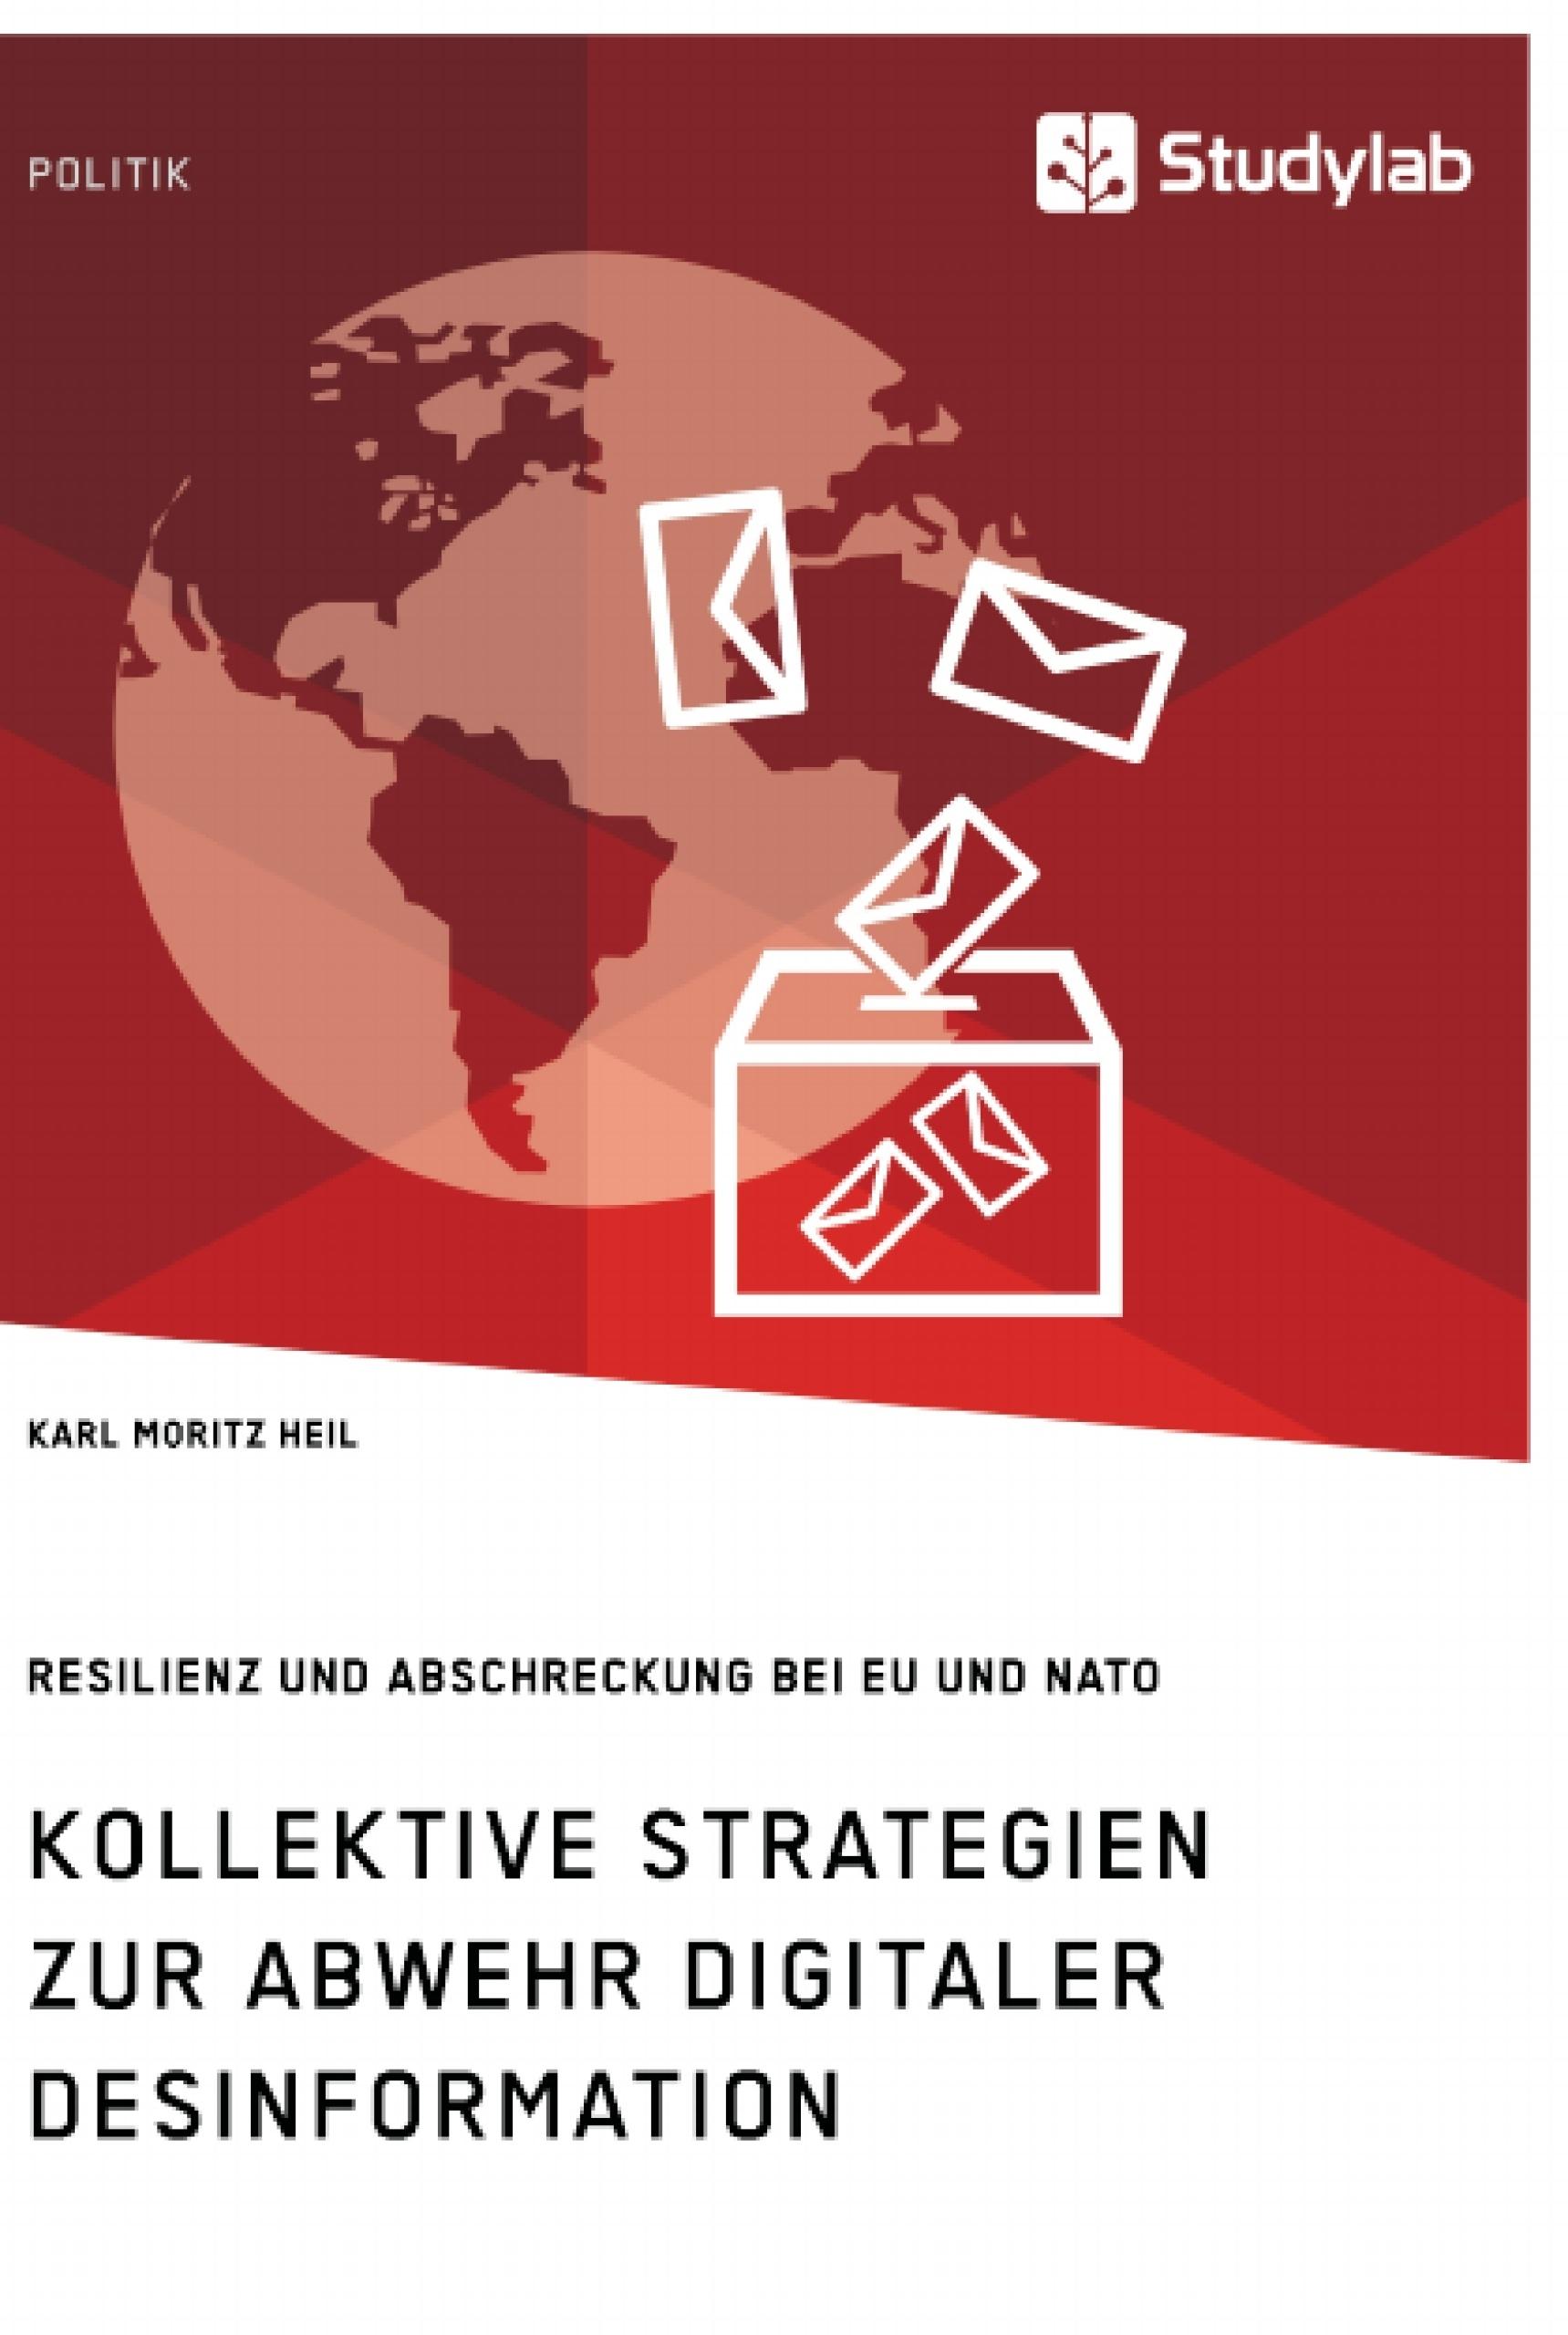 Titel: Kollektive Strategien zur Abwehr digitaler Desinformation. Resilienz und Abschreckung bei EU und NATO